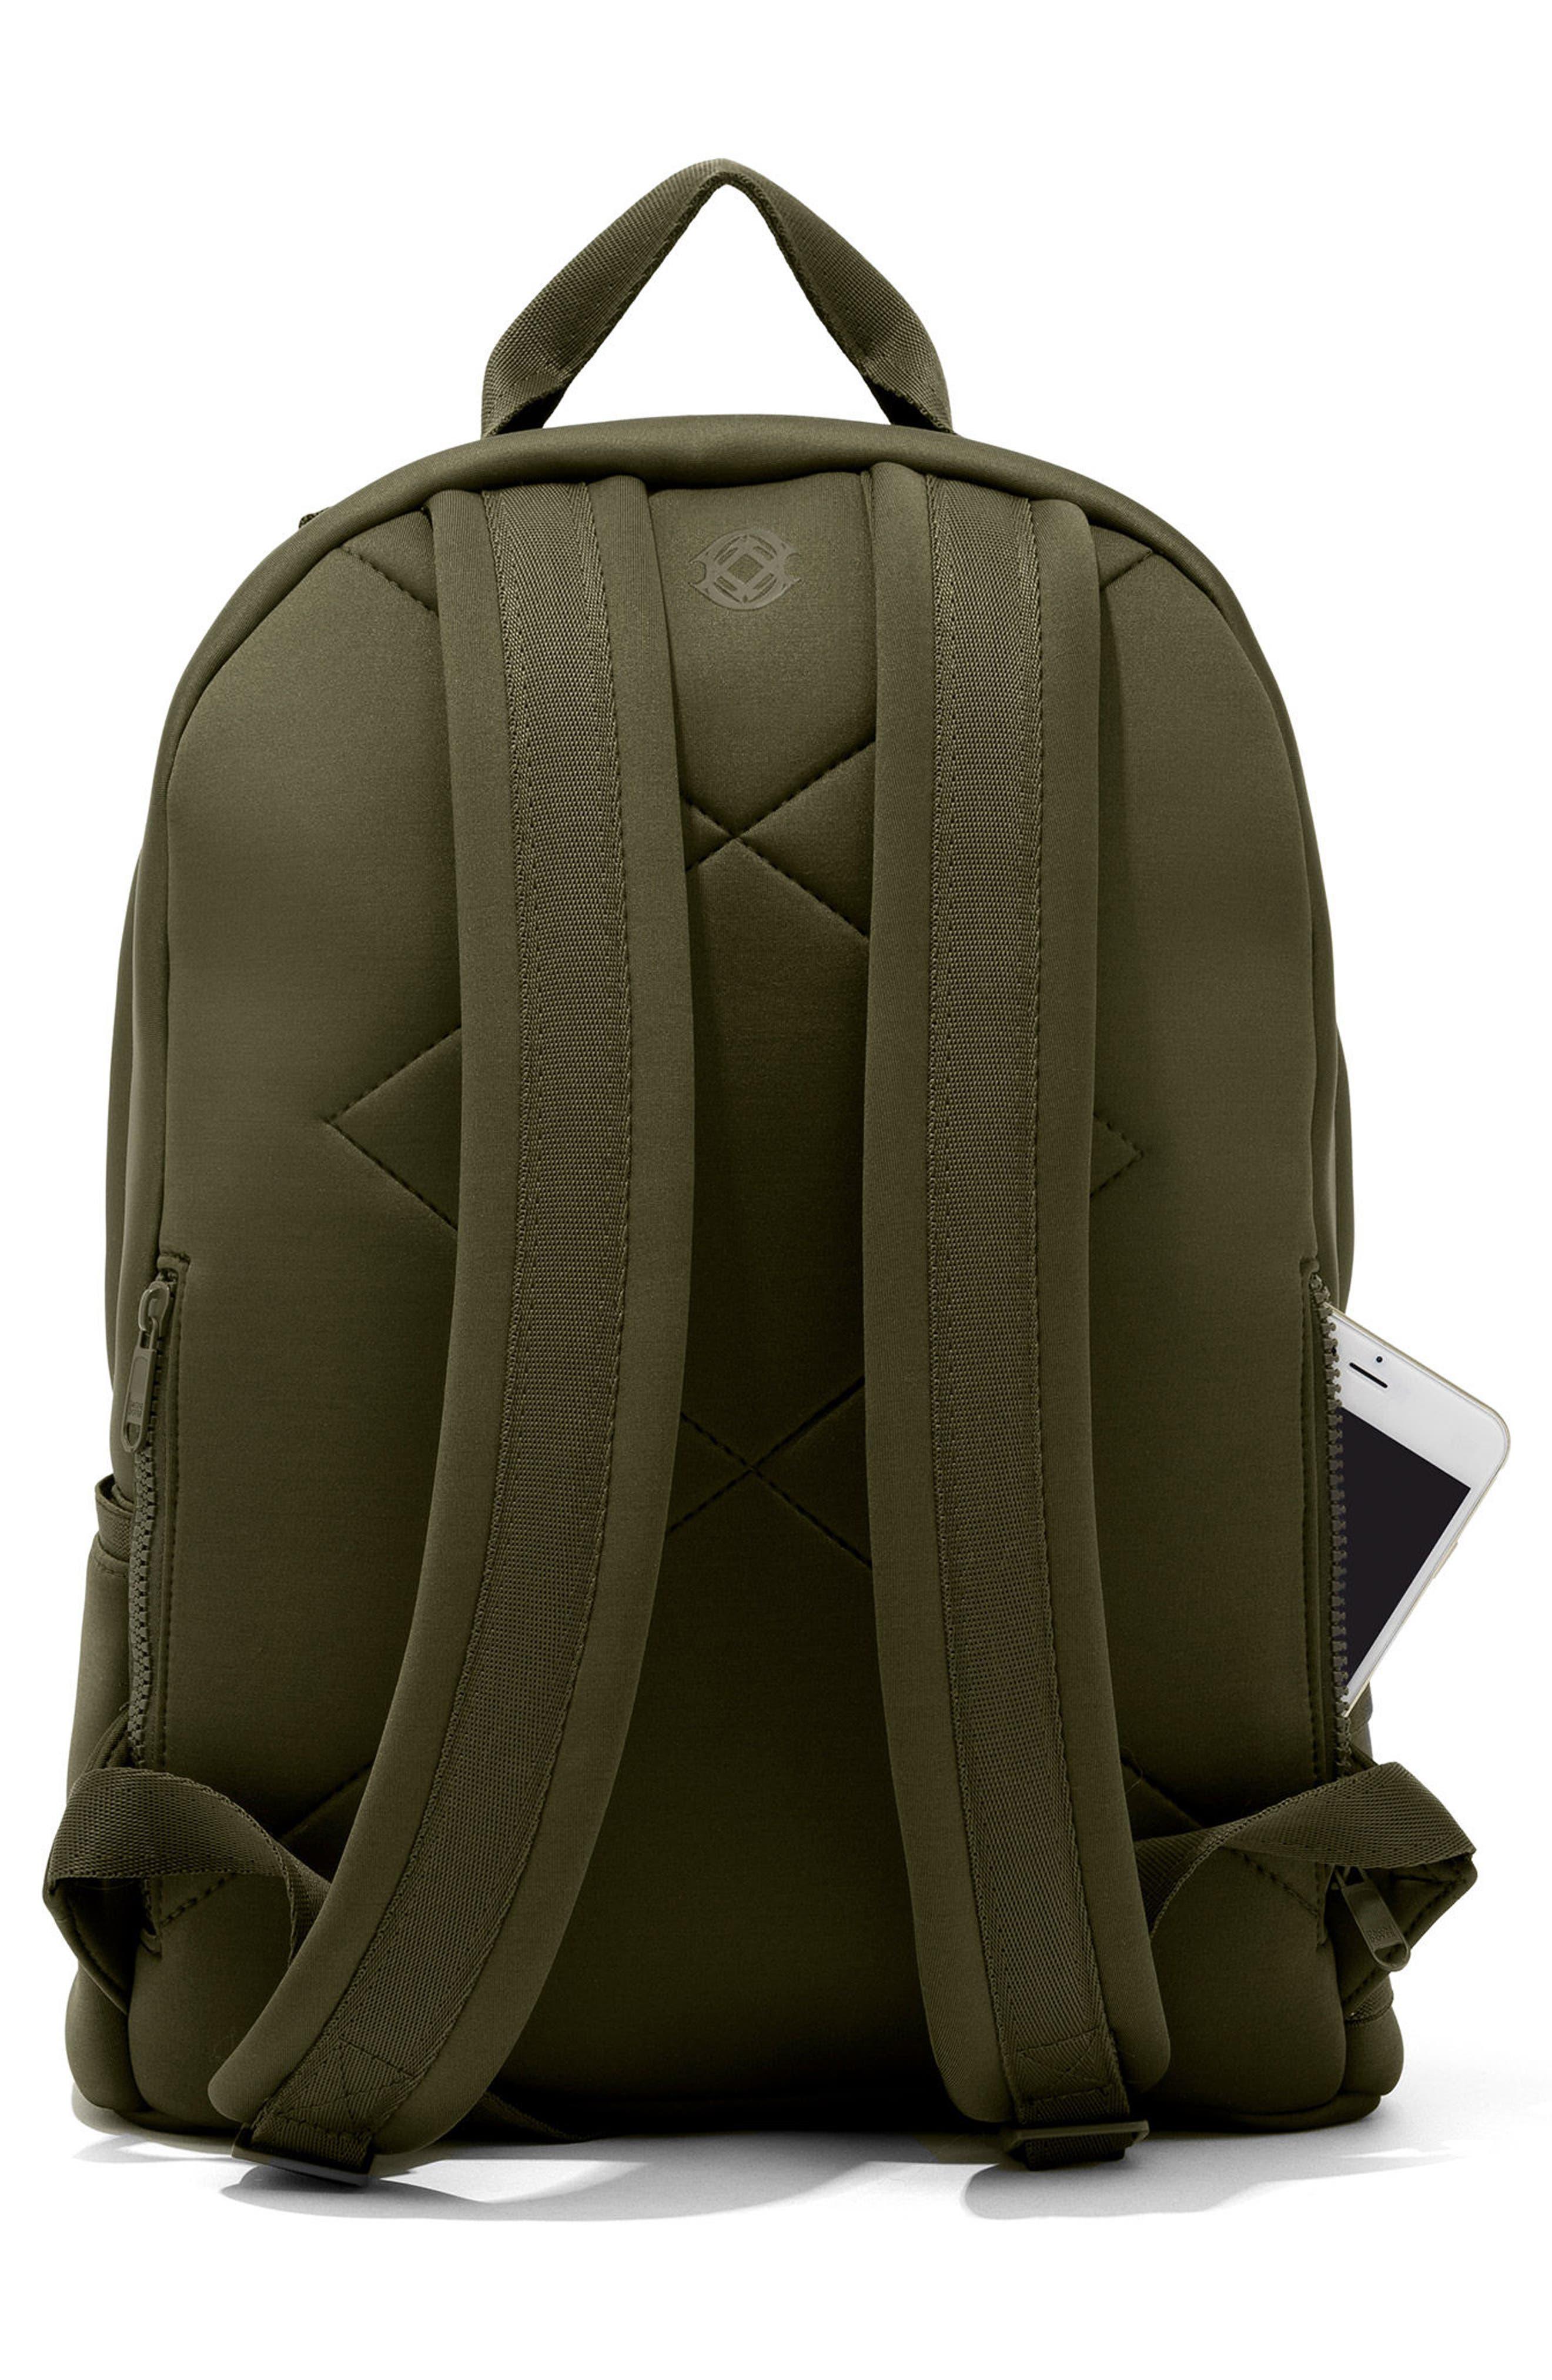 365 Dakota Neoprene Backpack,                             Alternate thumbnail 3, color,                             Dark Moss